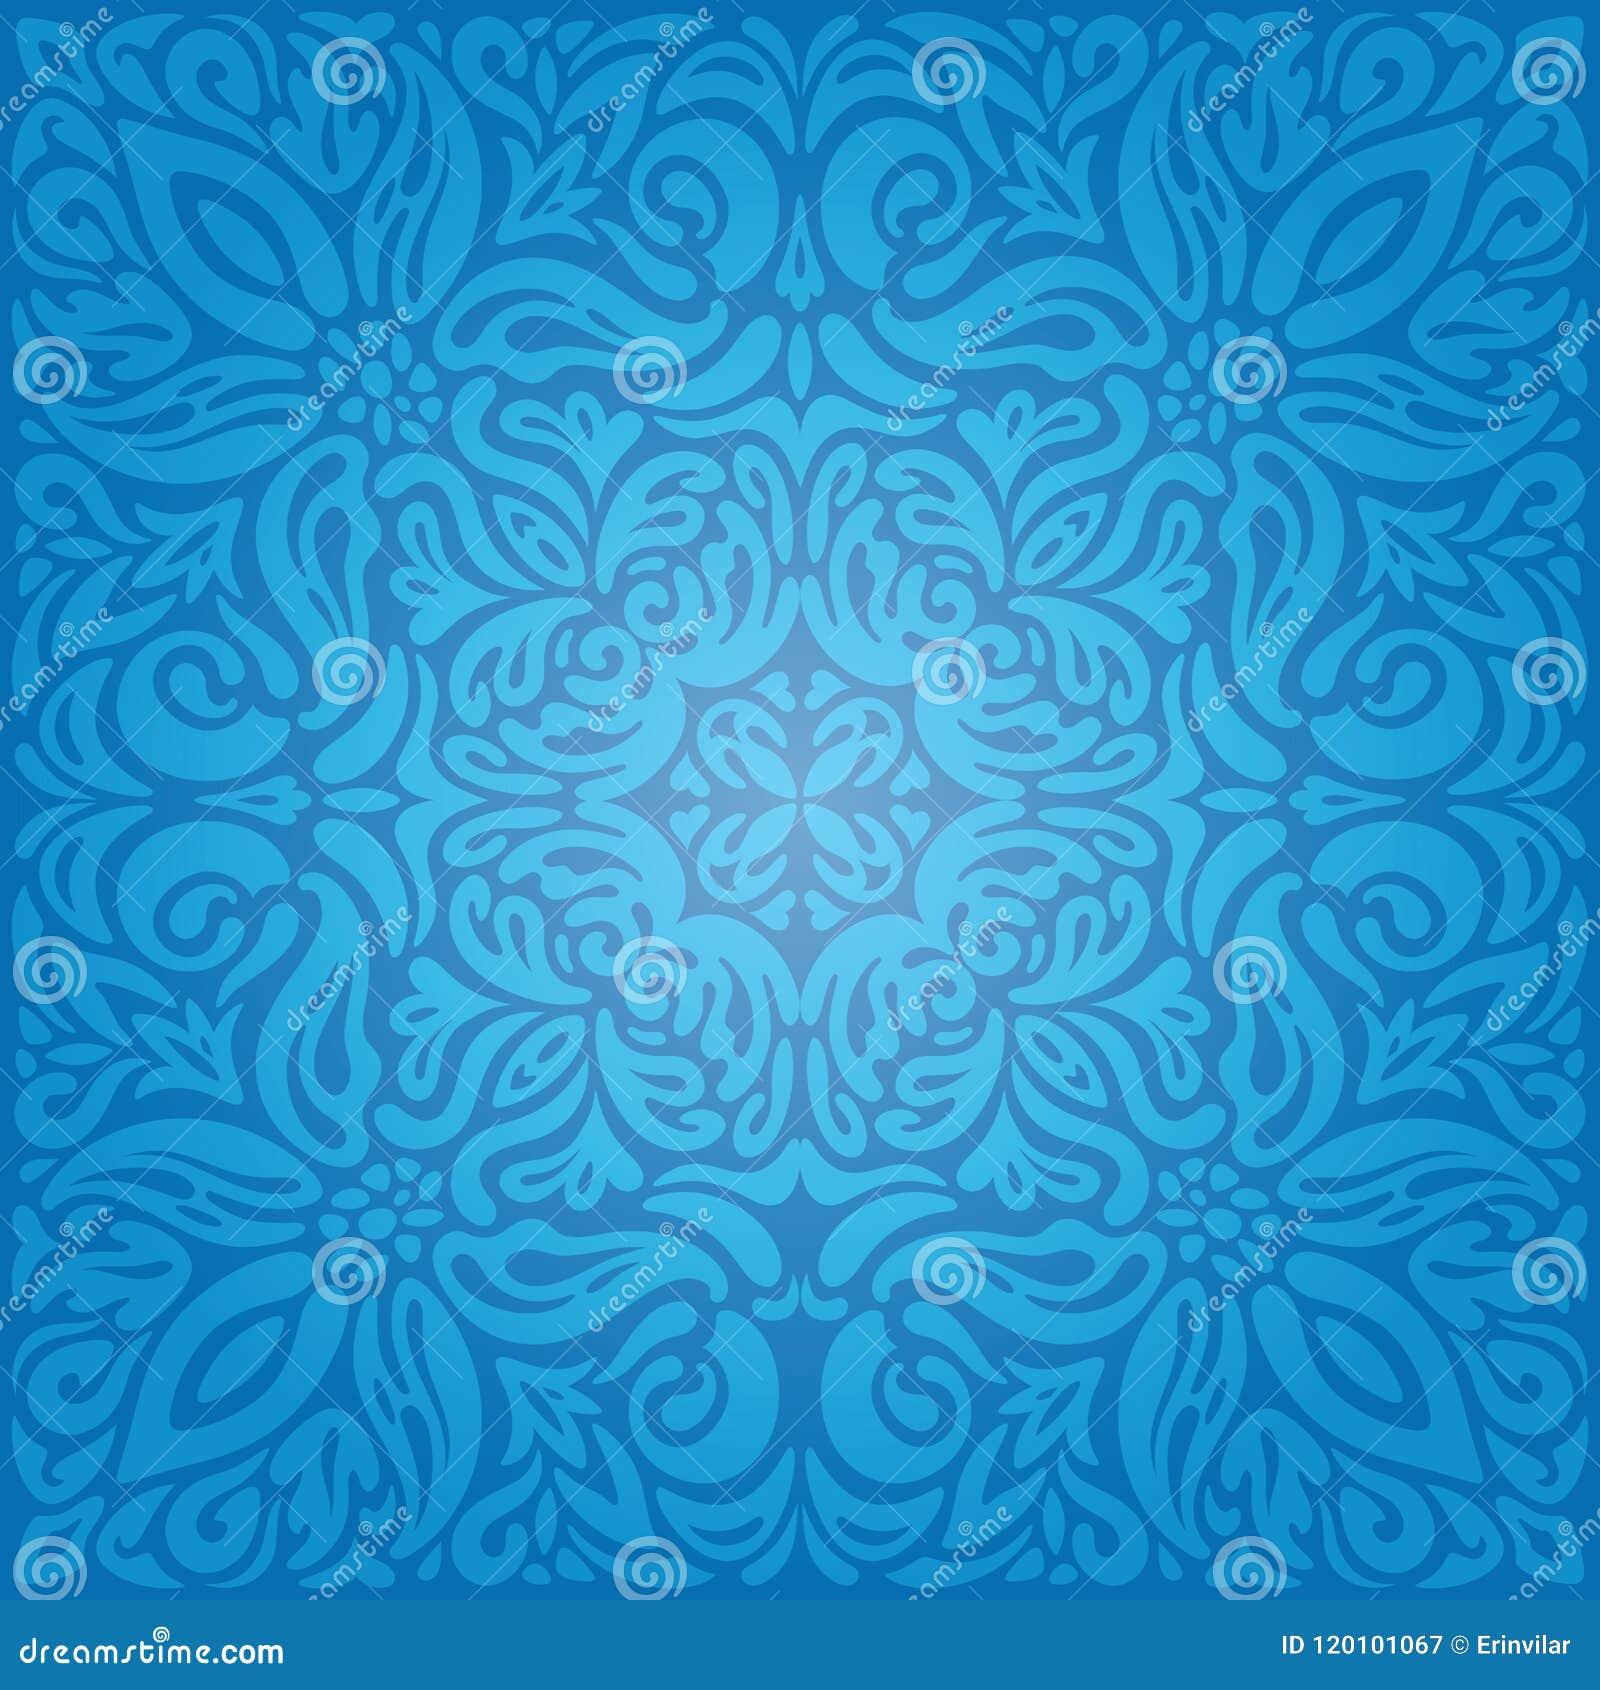 Tapeten-Hintergrunddesign Königs Blue Floral Vintage mit dekorativer Blumenmandala